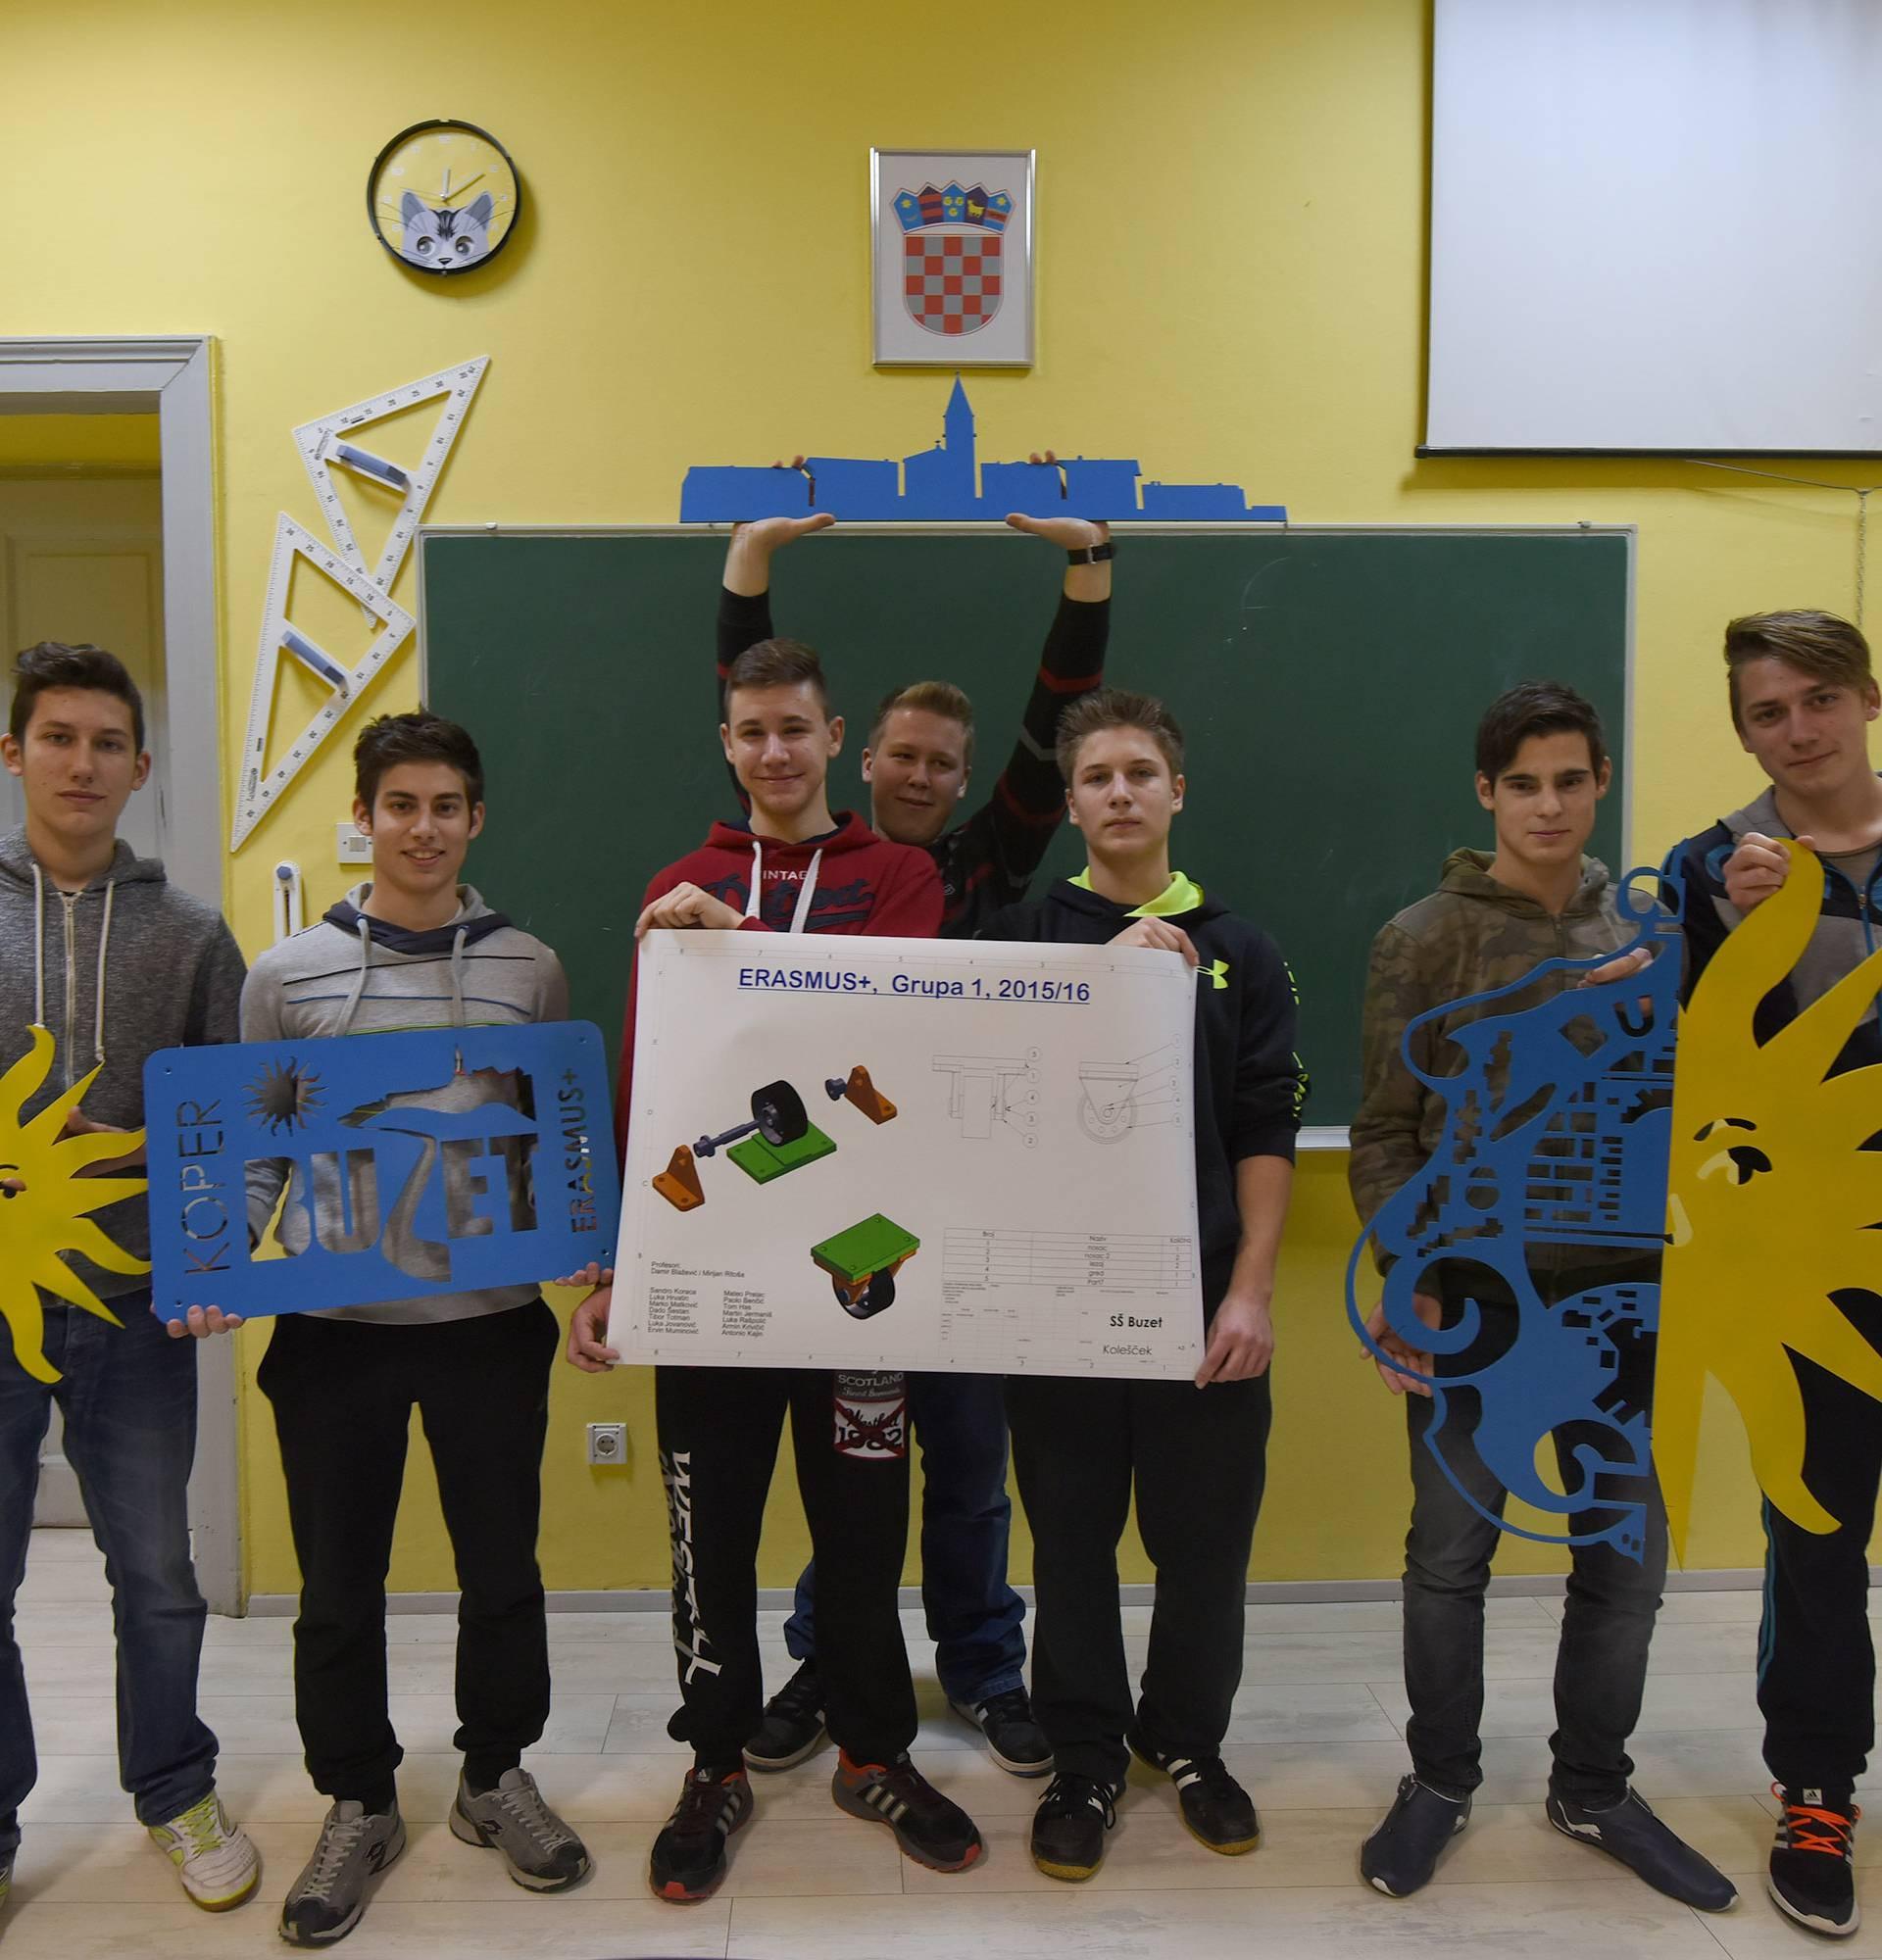 EU suradnja: Strojarstvo smo naučili na praksi u Sloveniji